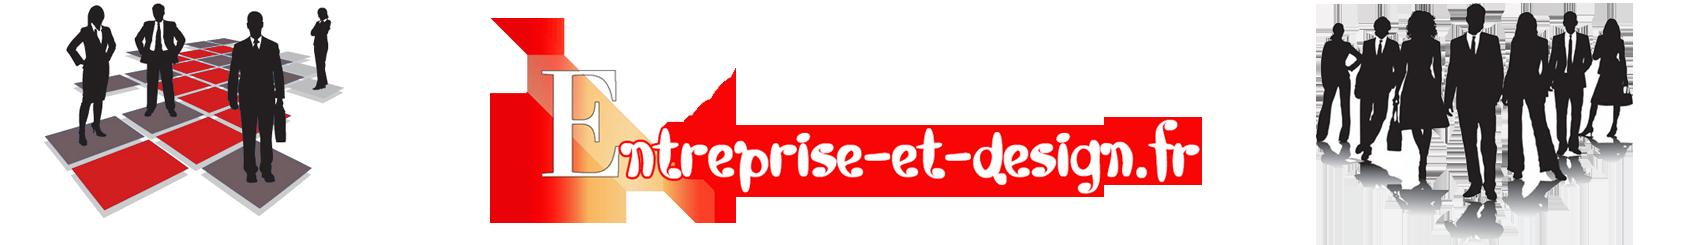 Entreprise-et-design.fr